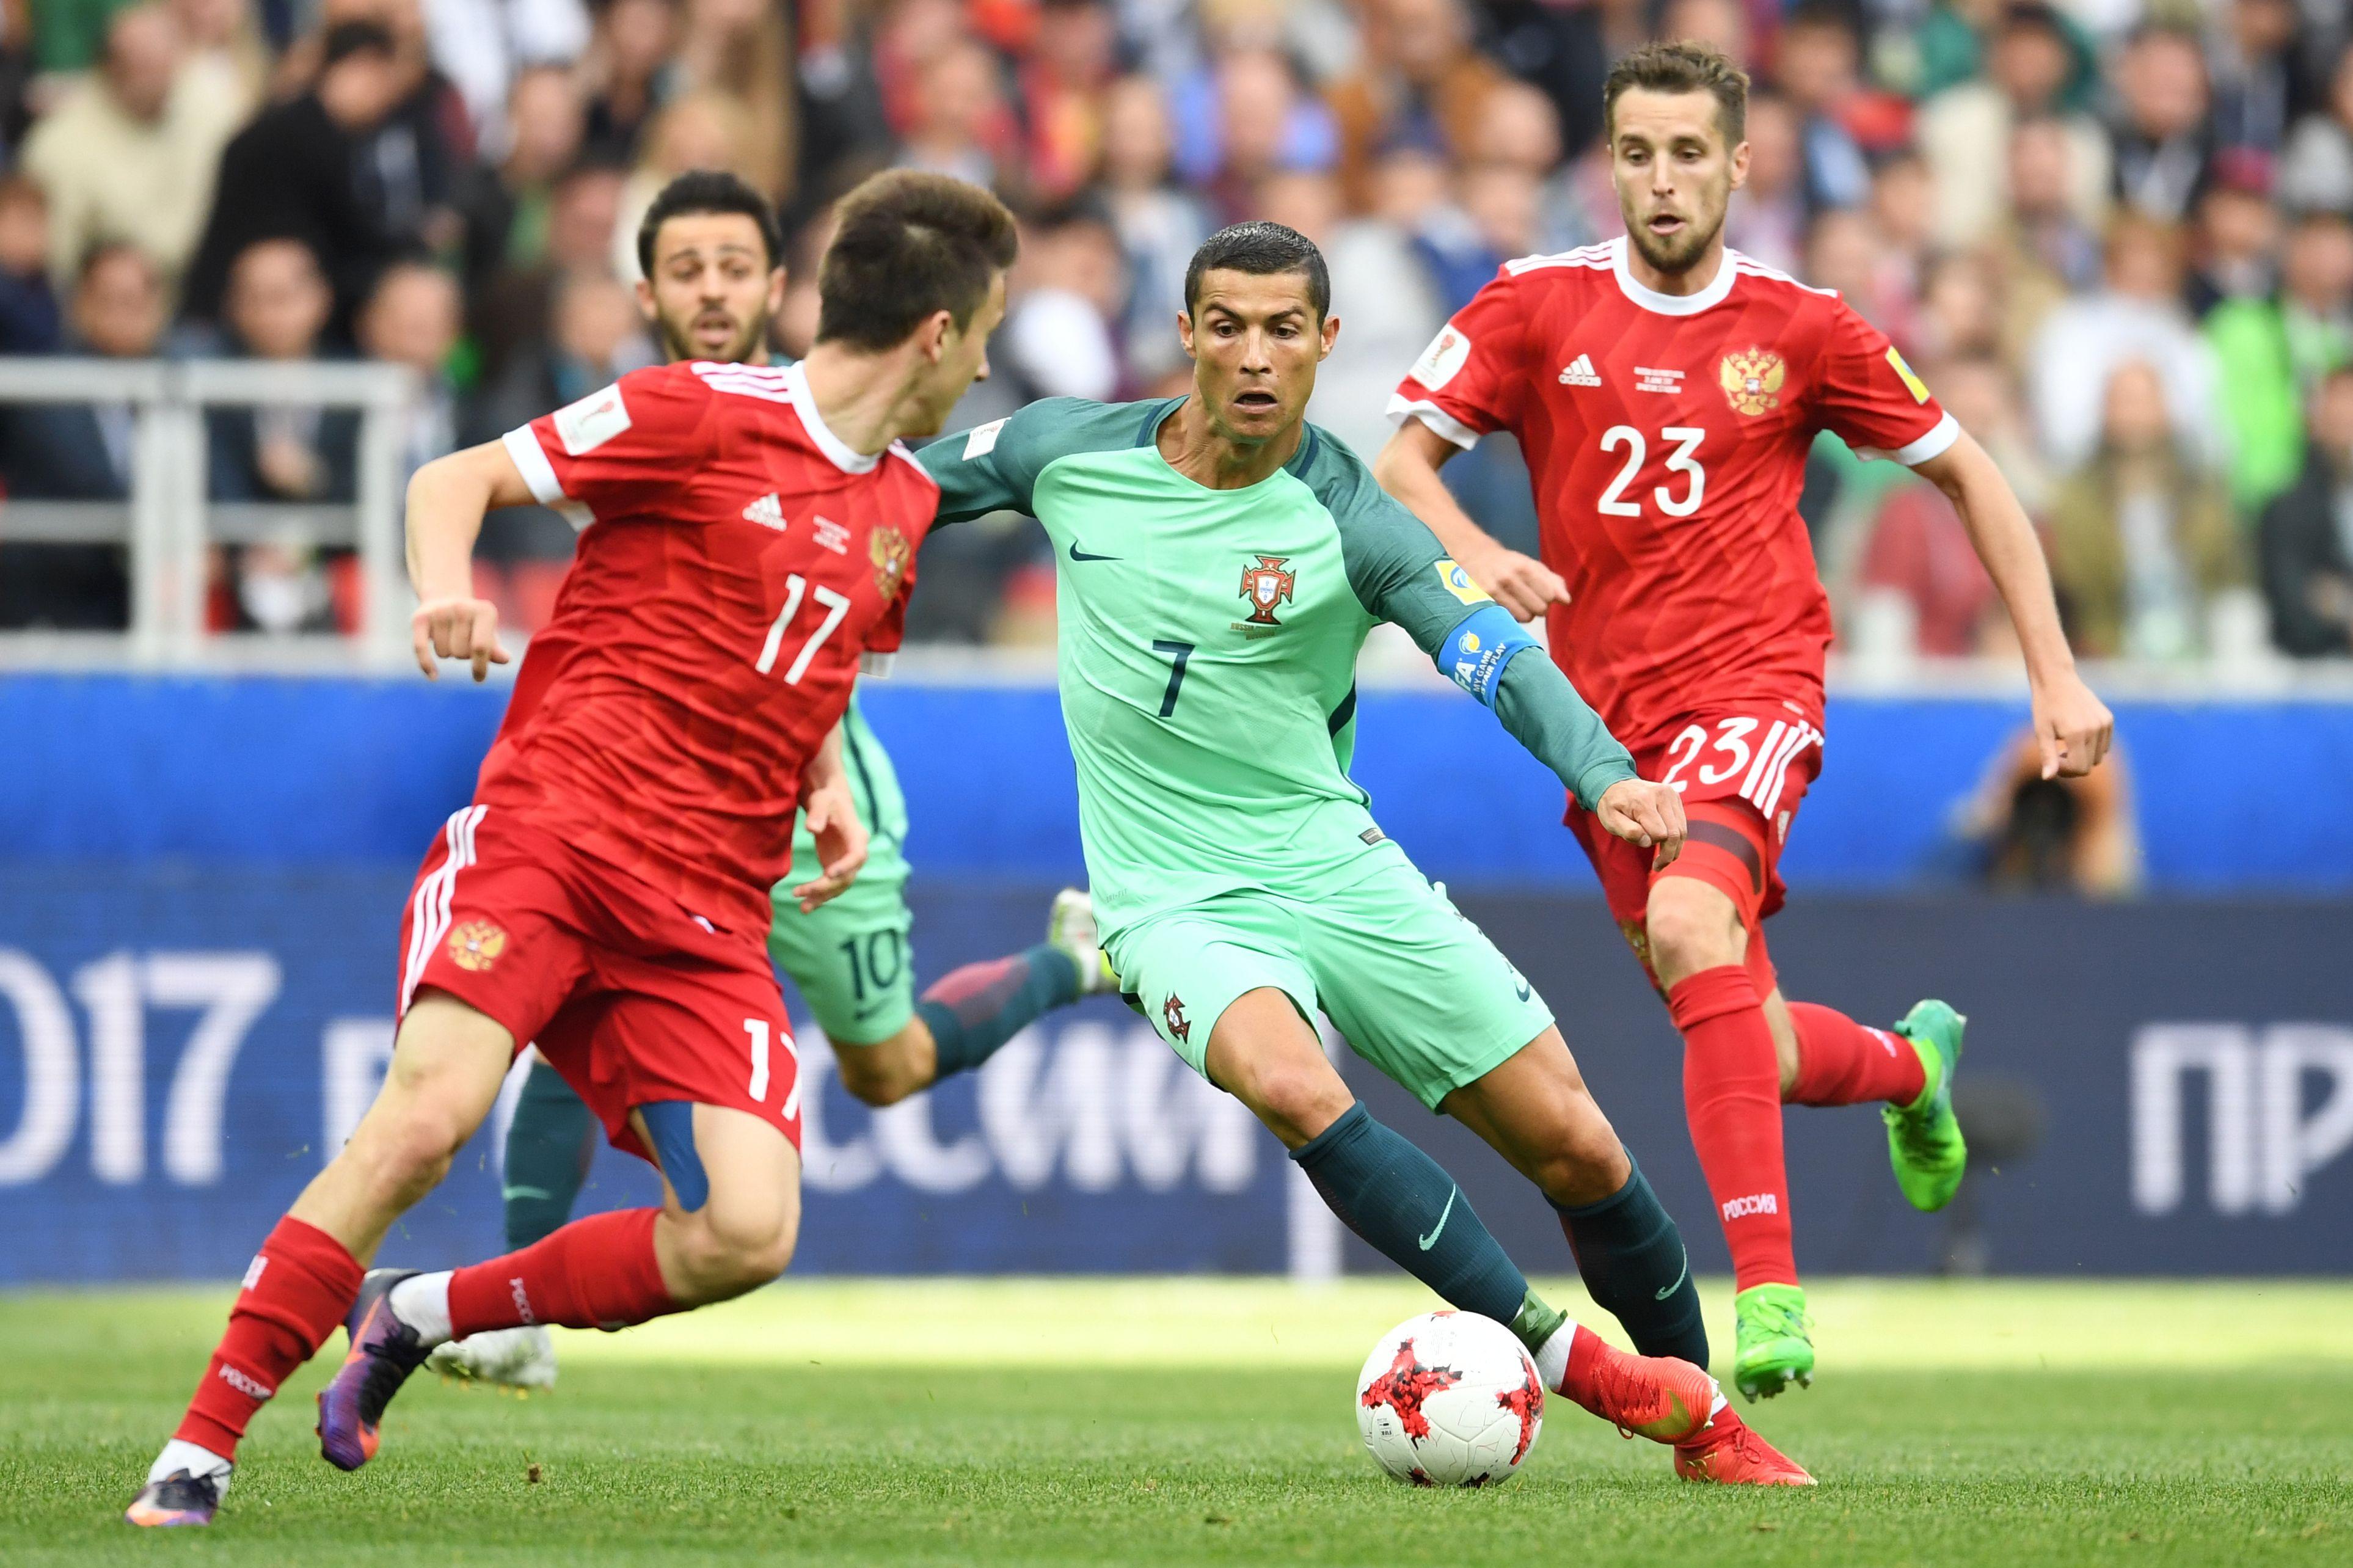 聯合會盃:葡萄牙擊敗東道主 新西蘭出局 | 俄羅斯 | 墨西哥 | 大紀元